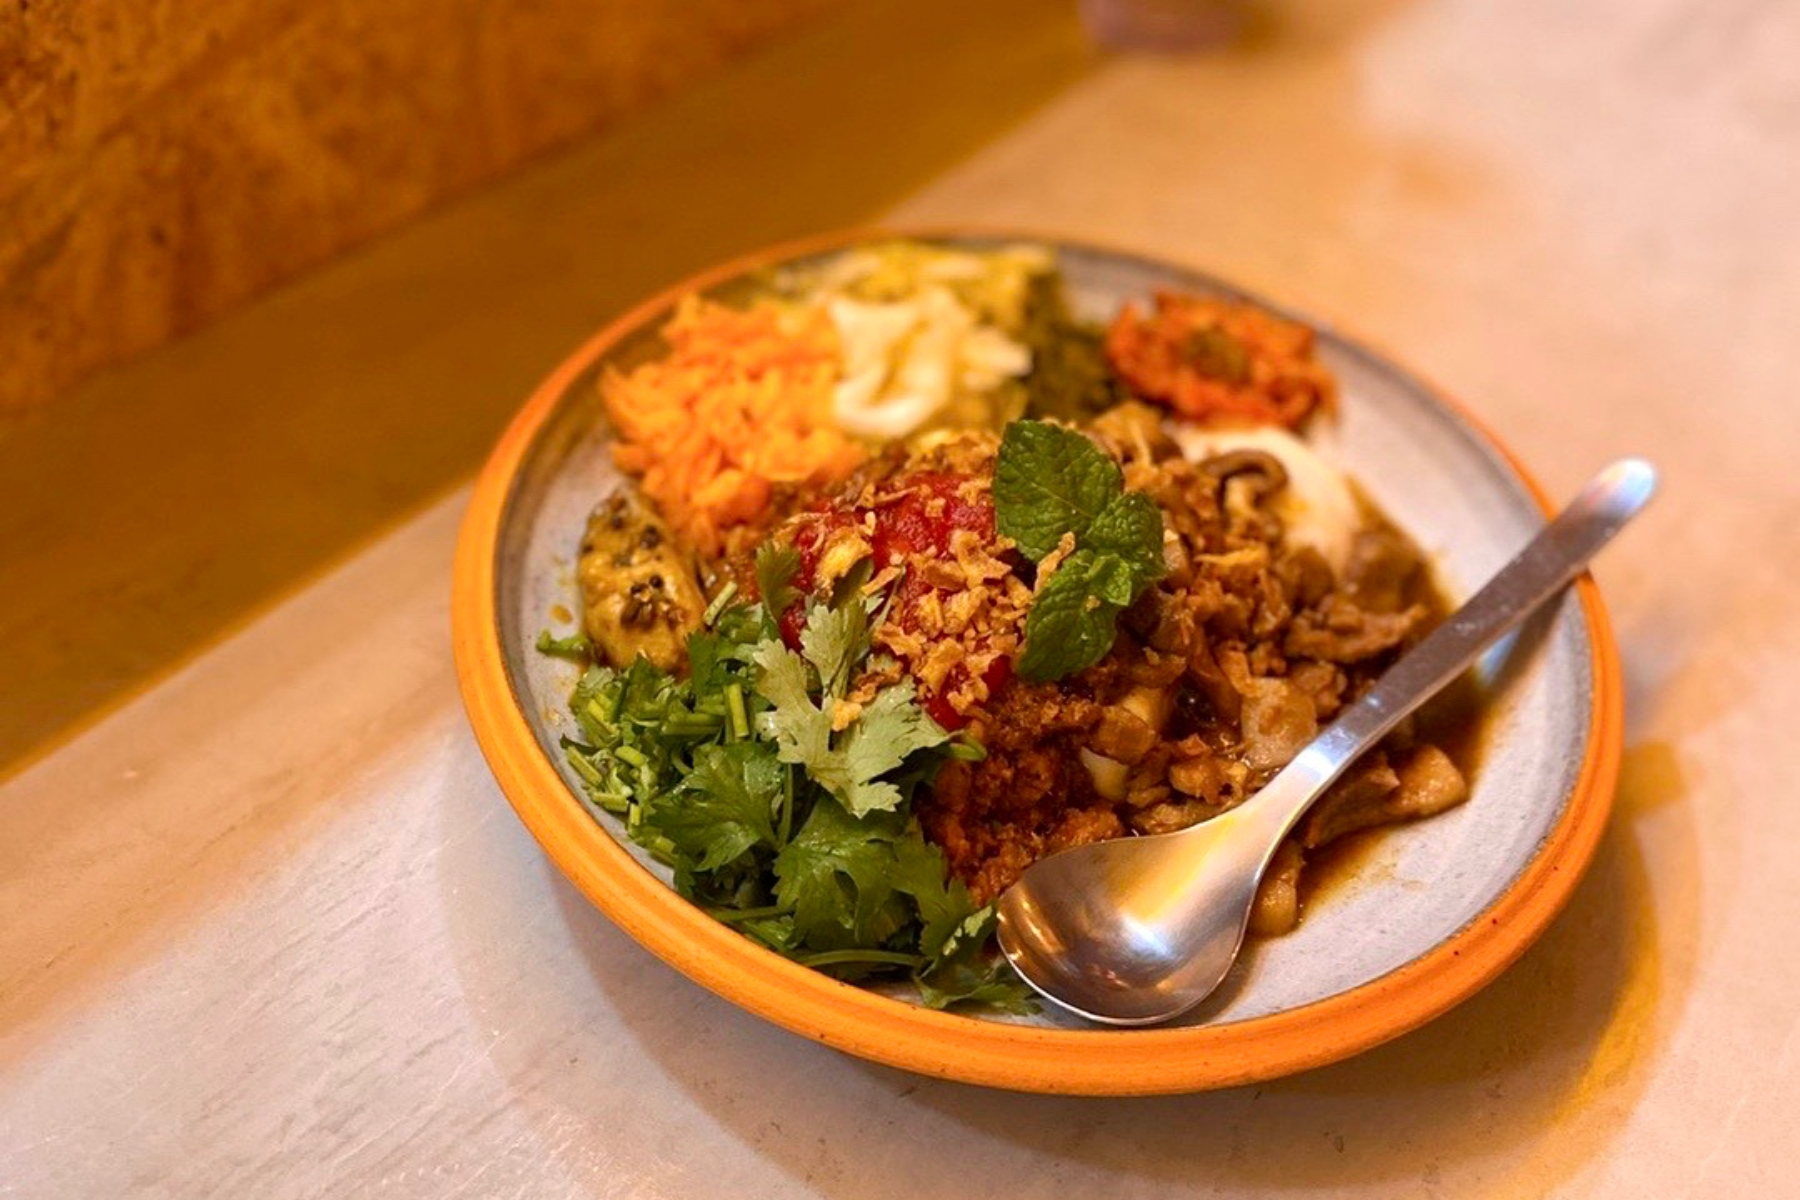 「ケニックカレー」×「APeCA」がコラボ。カカオとカレーが融合したどこにもない料理